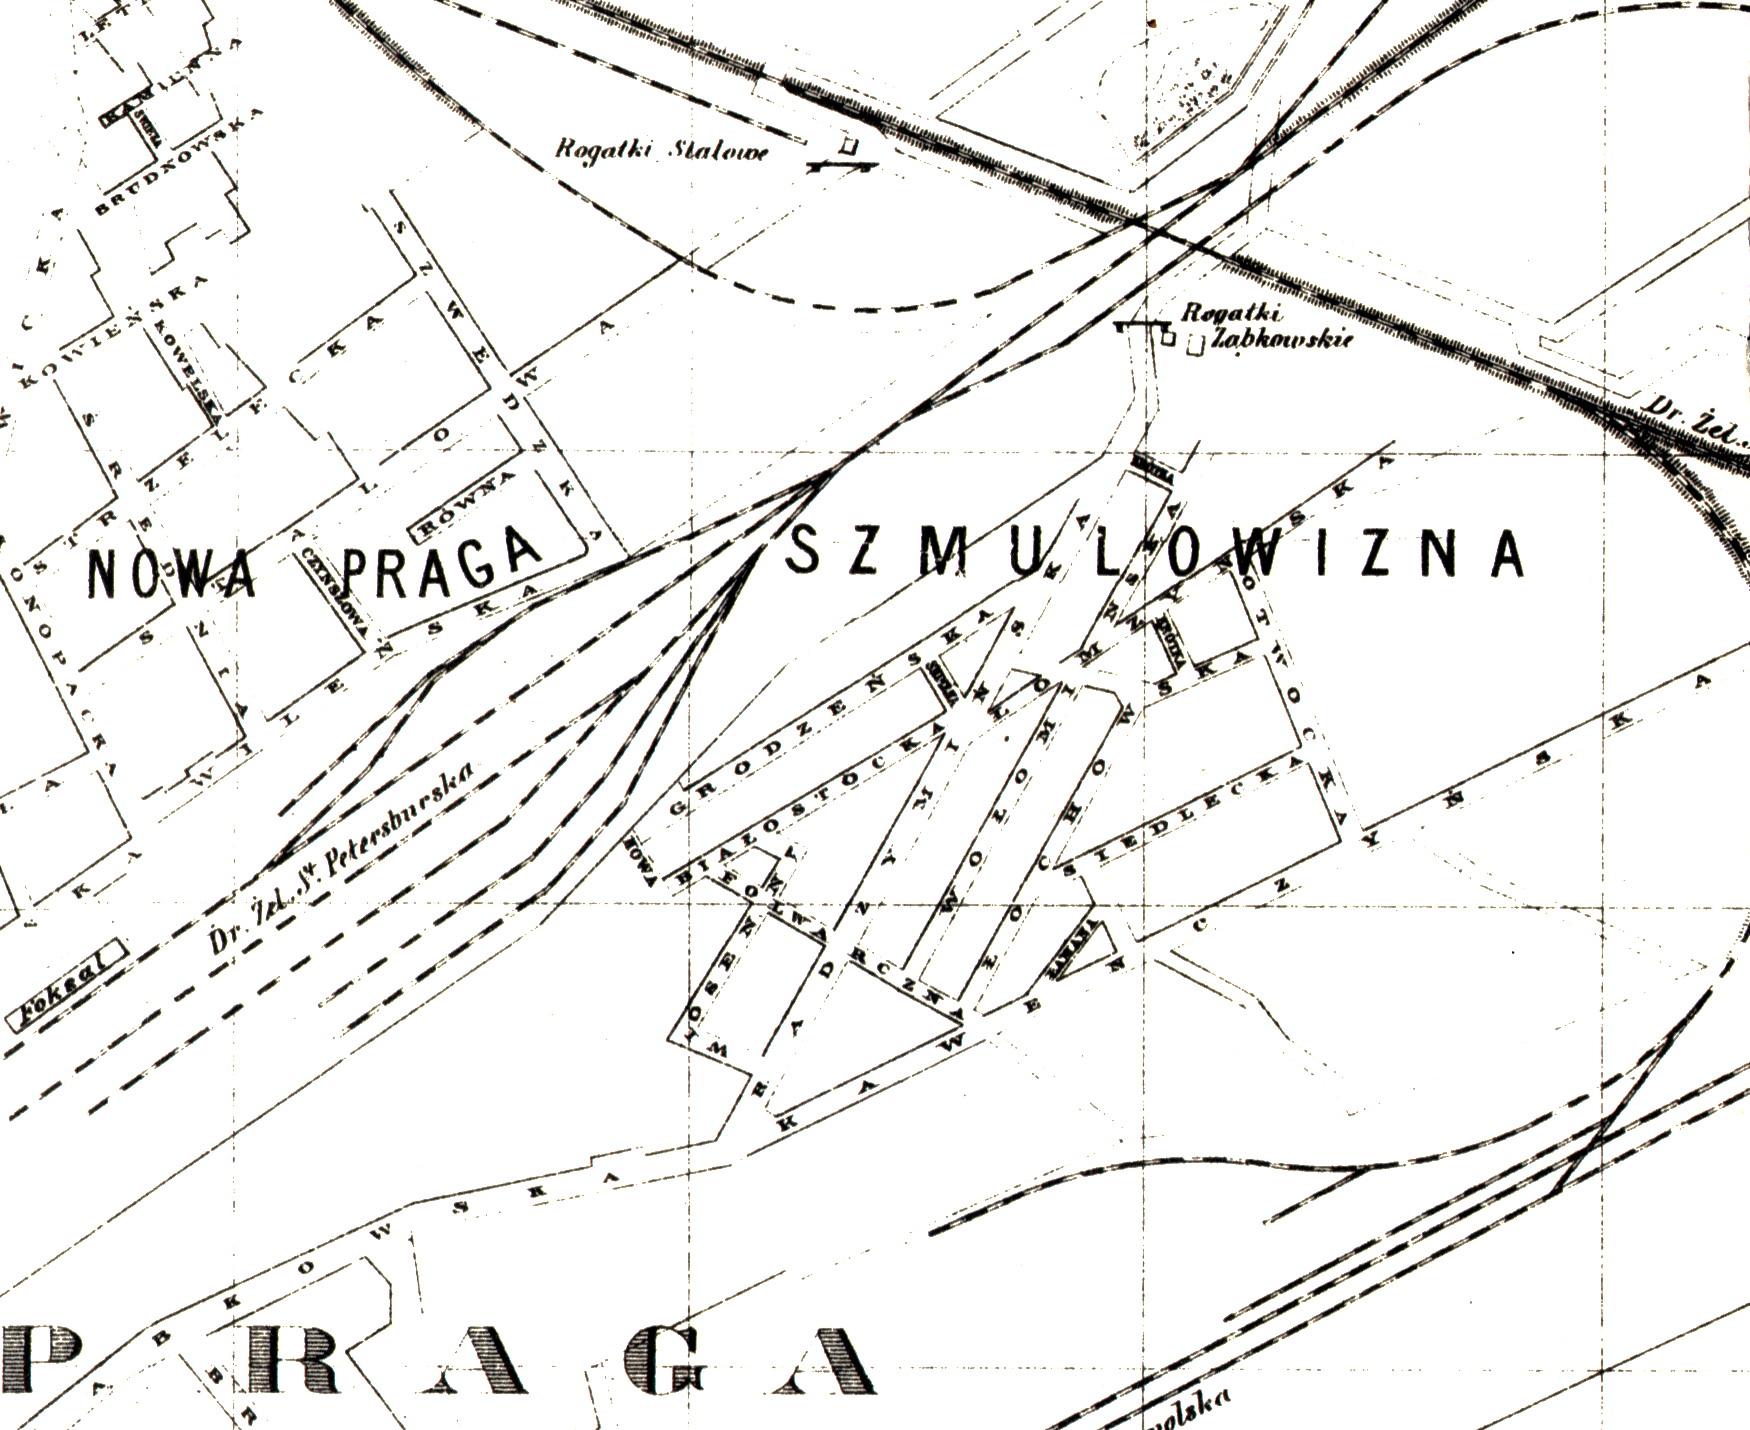 Opis Szmulowizny z 1893 roku